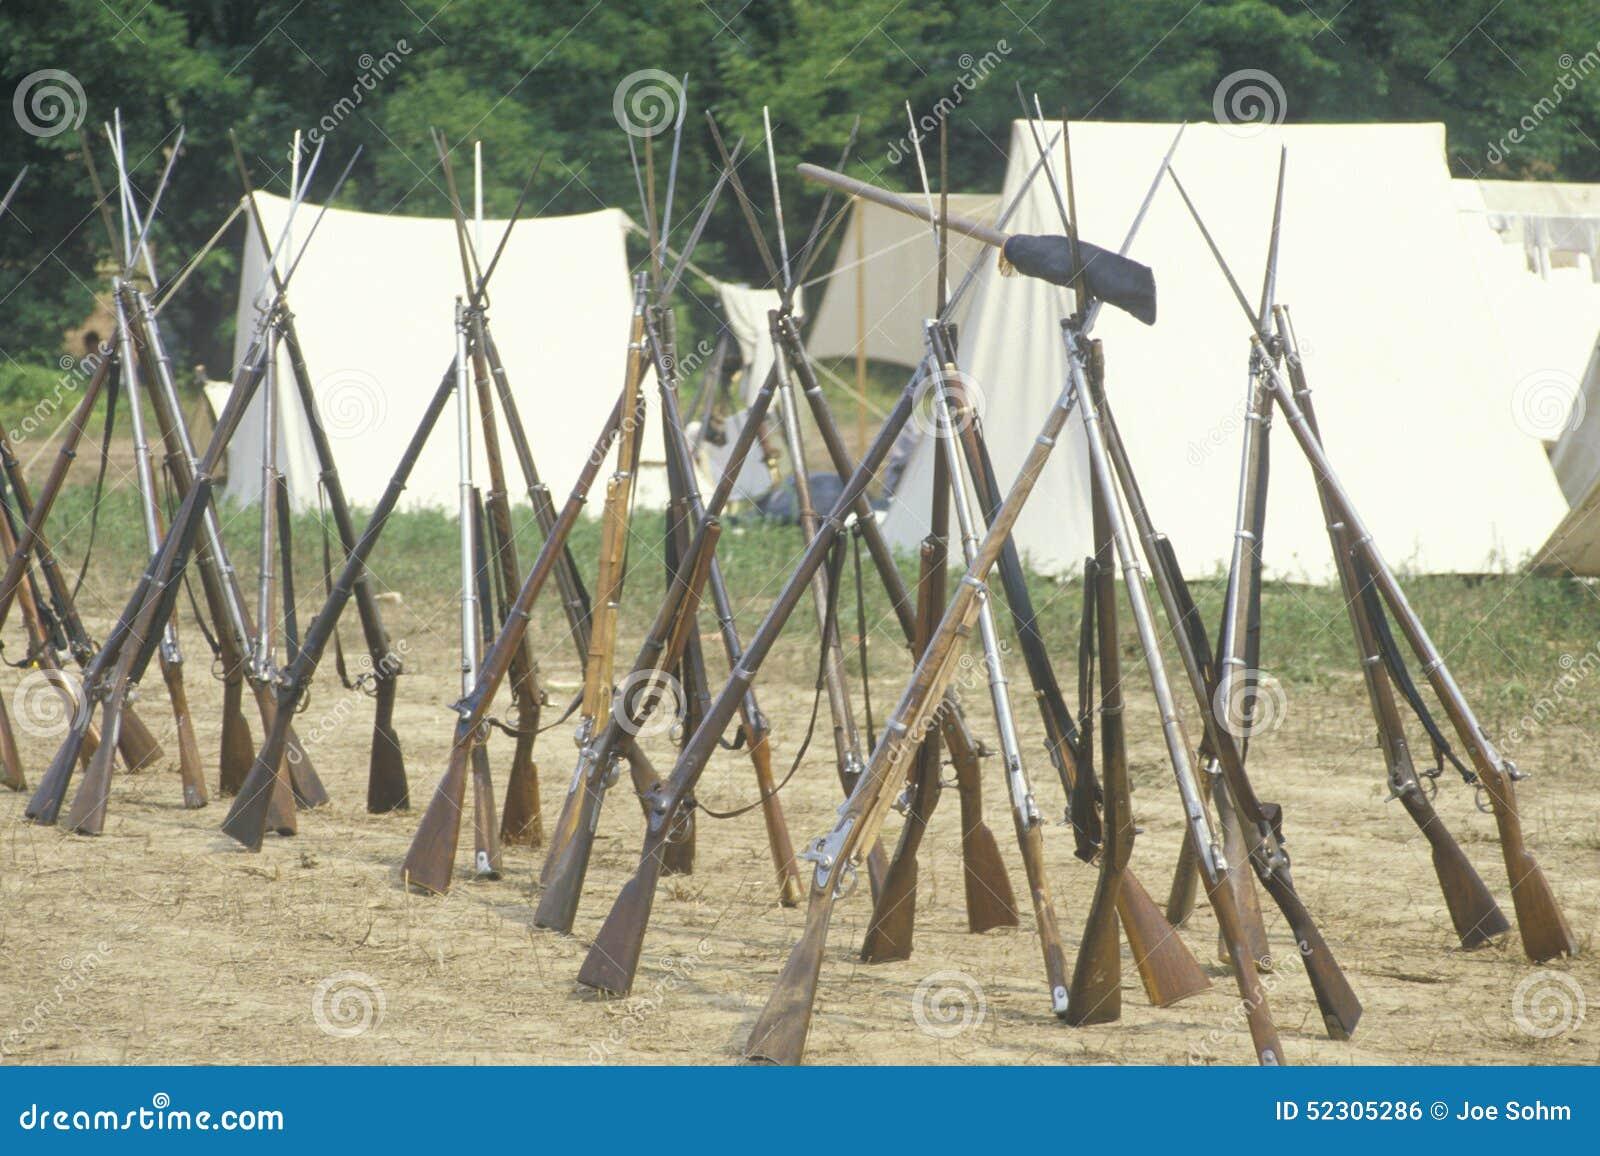 Ιστορική αναπαράσταση της μάχης Manassas, που χαρακτηρίζει την αρχή του εμφύλιου πολέμου, Βιρτζίνια